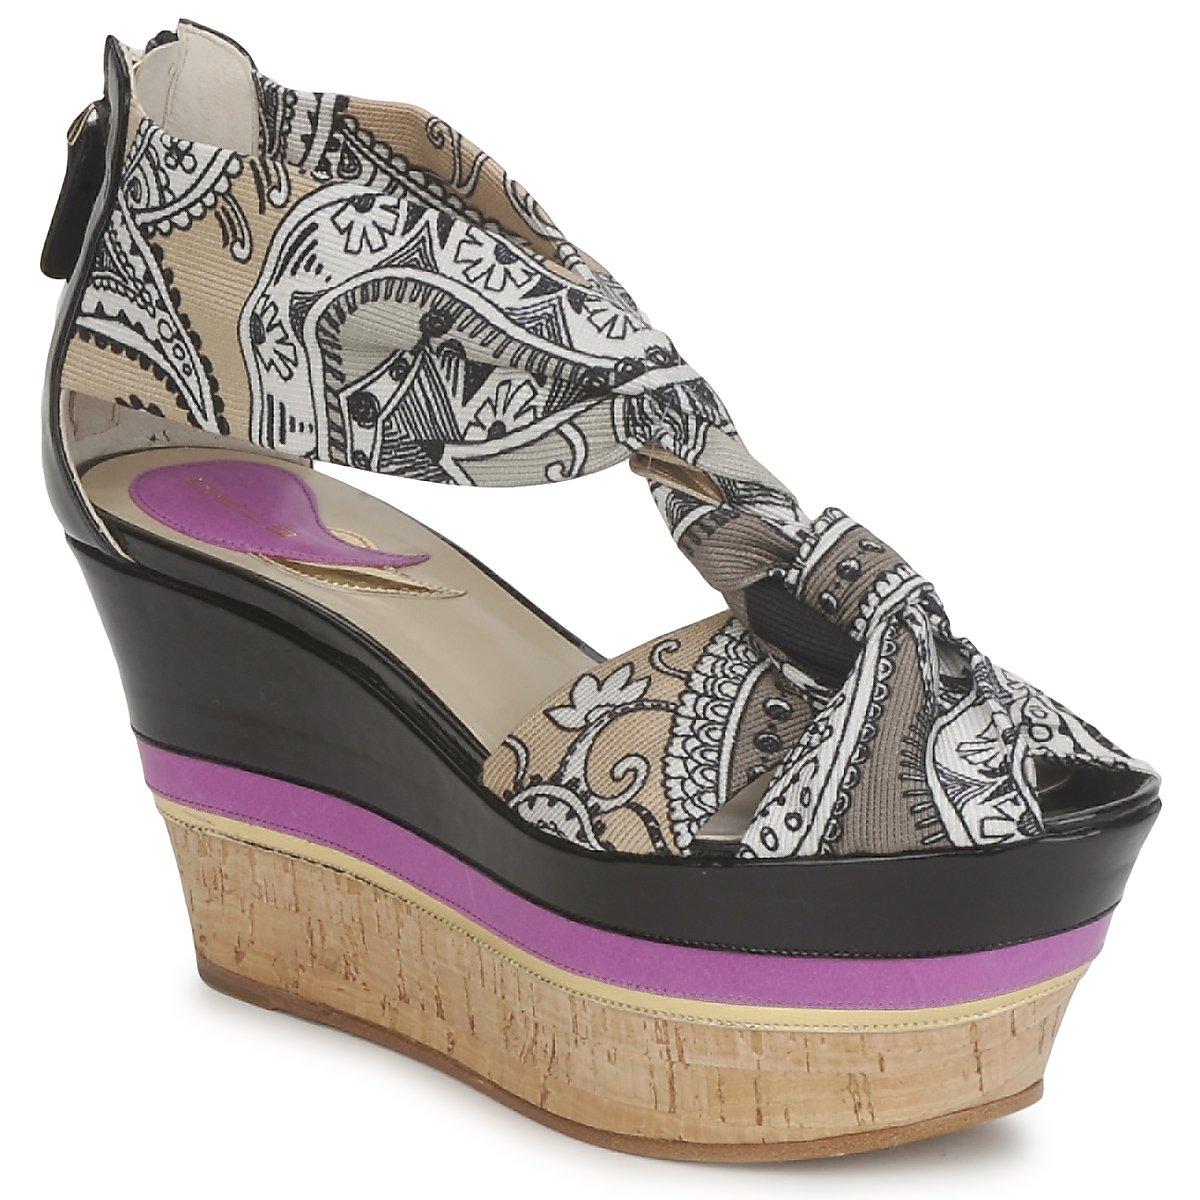 Sandale Etro 3467 Gris / Noir / Violet